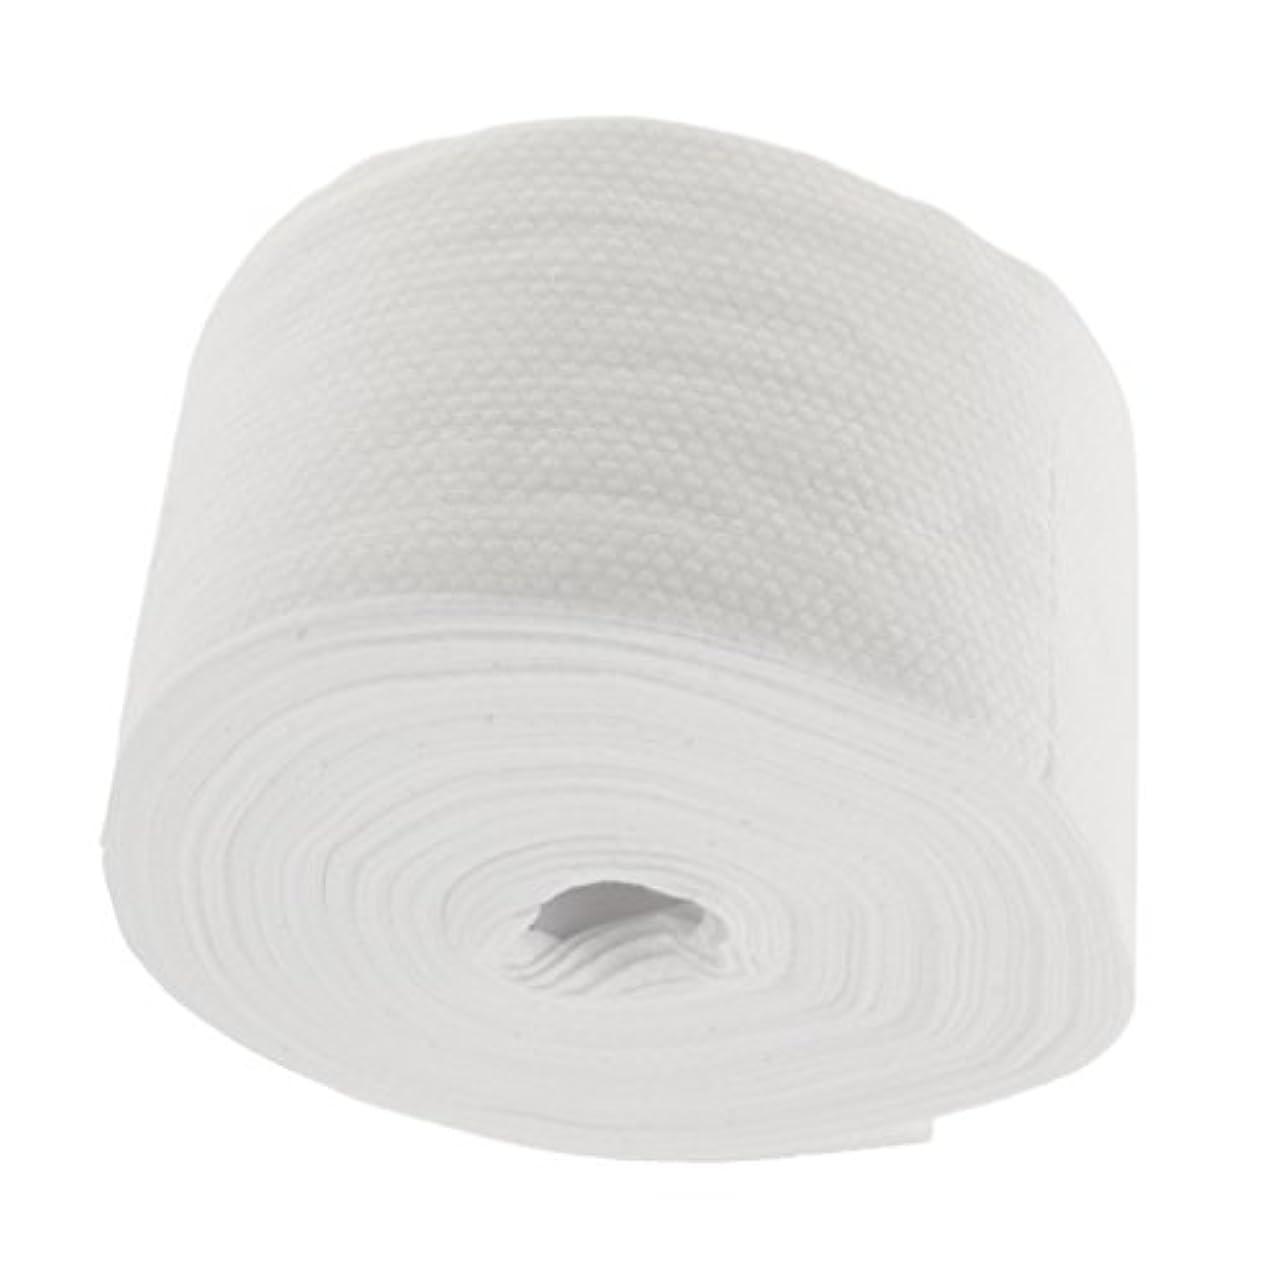 タンパク質ファンブル土Sharplace ロール式 使い捨て 洗顔タオル 使い捨てタオル 30M コットン 繊維 メイクリムーバー 快適 - #2